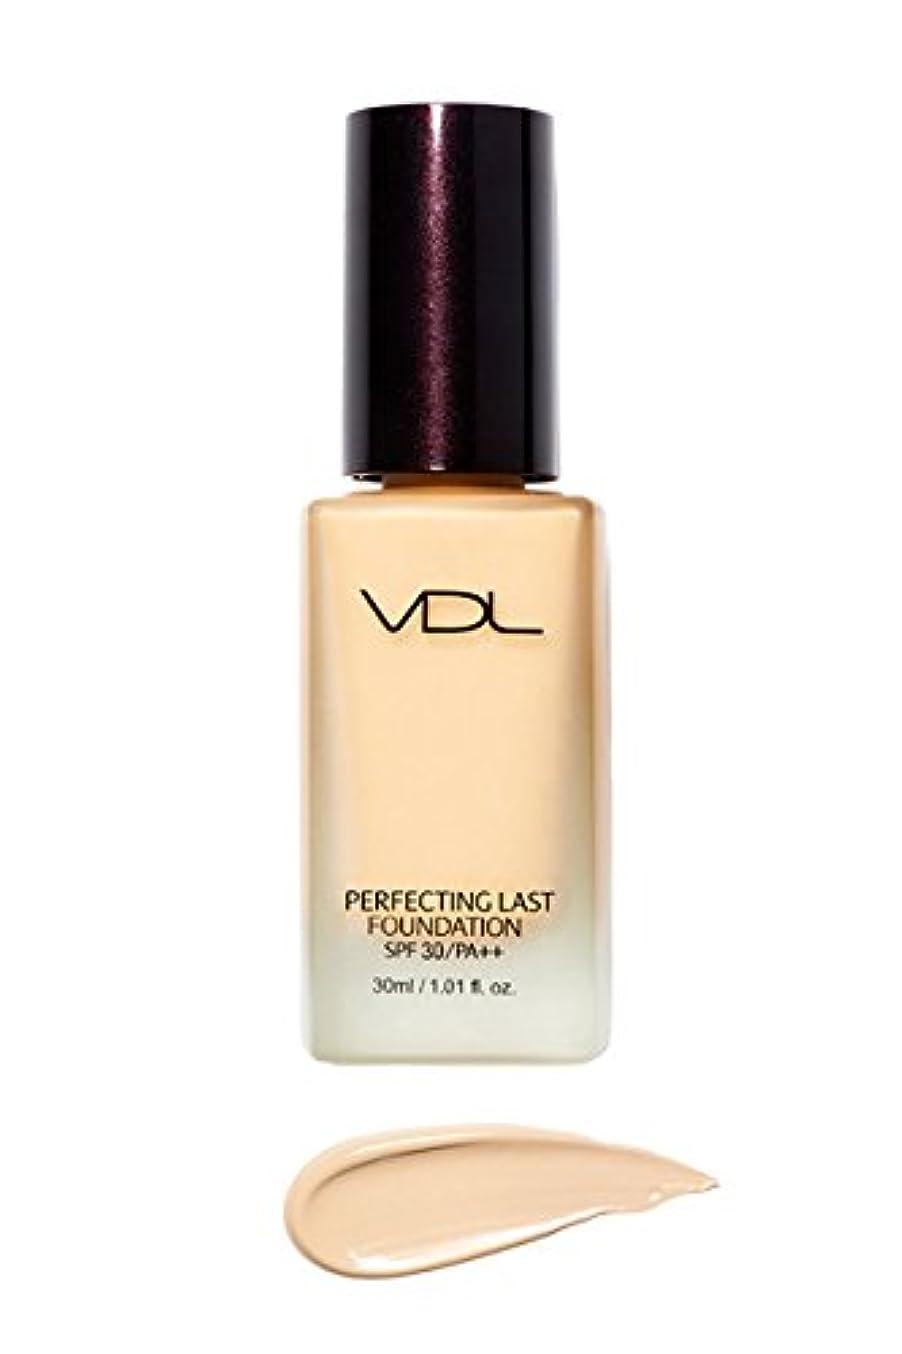 通常金貸し気体のVDL ブイディーエル パーフェクティング?ラスト?ファンデーション SPF30 PA++ 30ml 3類 (Perfecting Last Foundation) 海外直送品 (V02-Vanilla Base-)